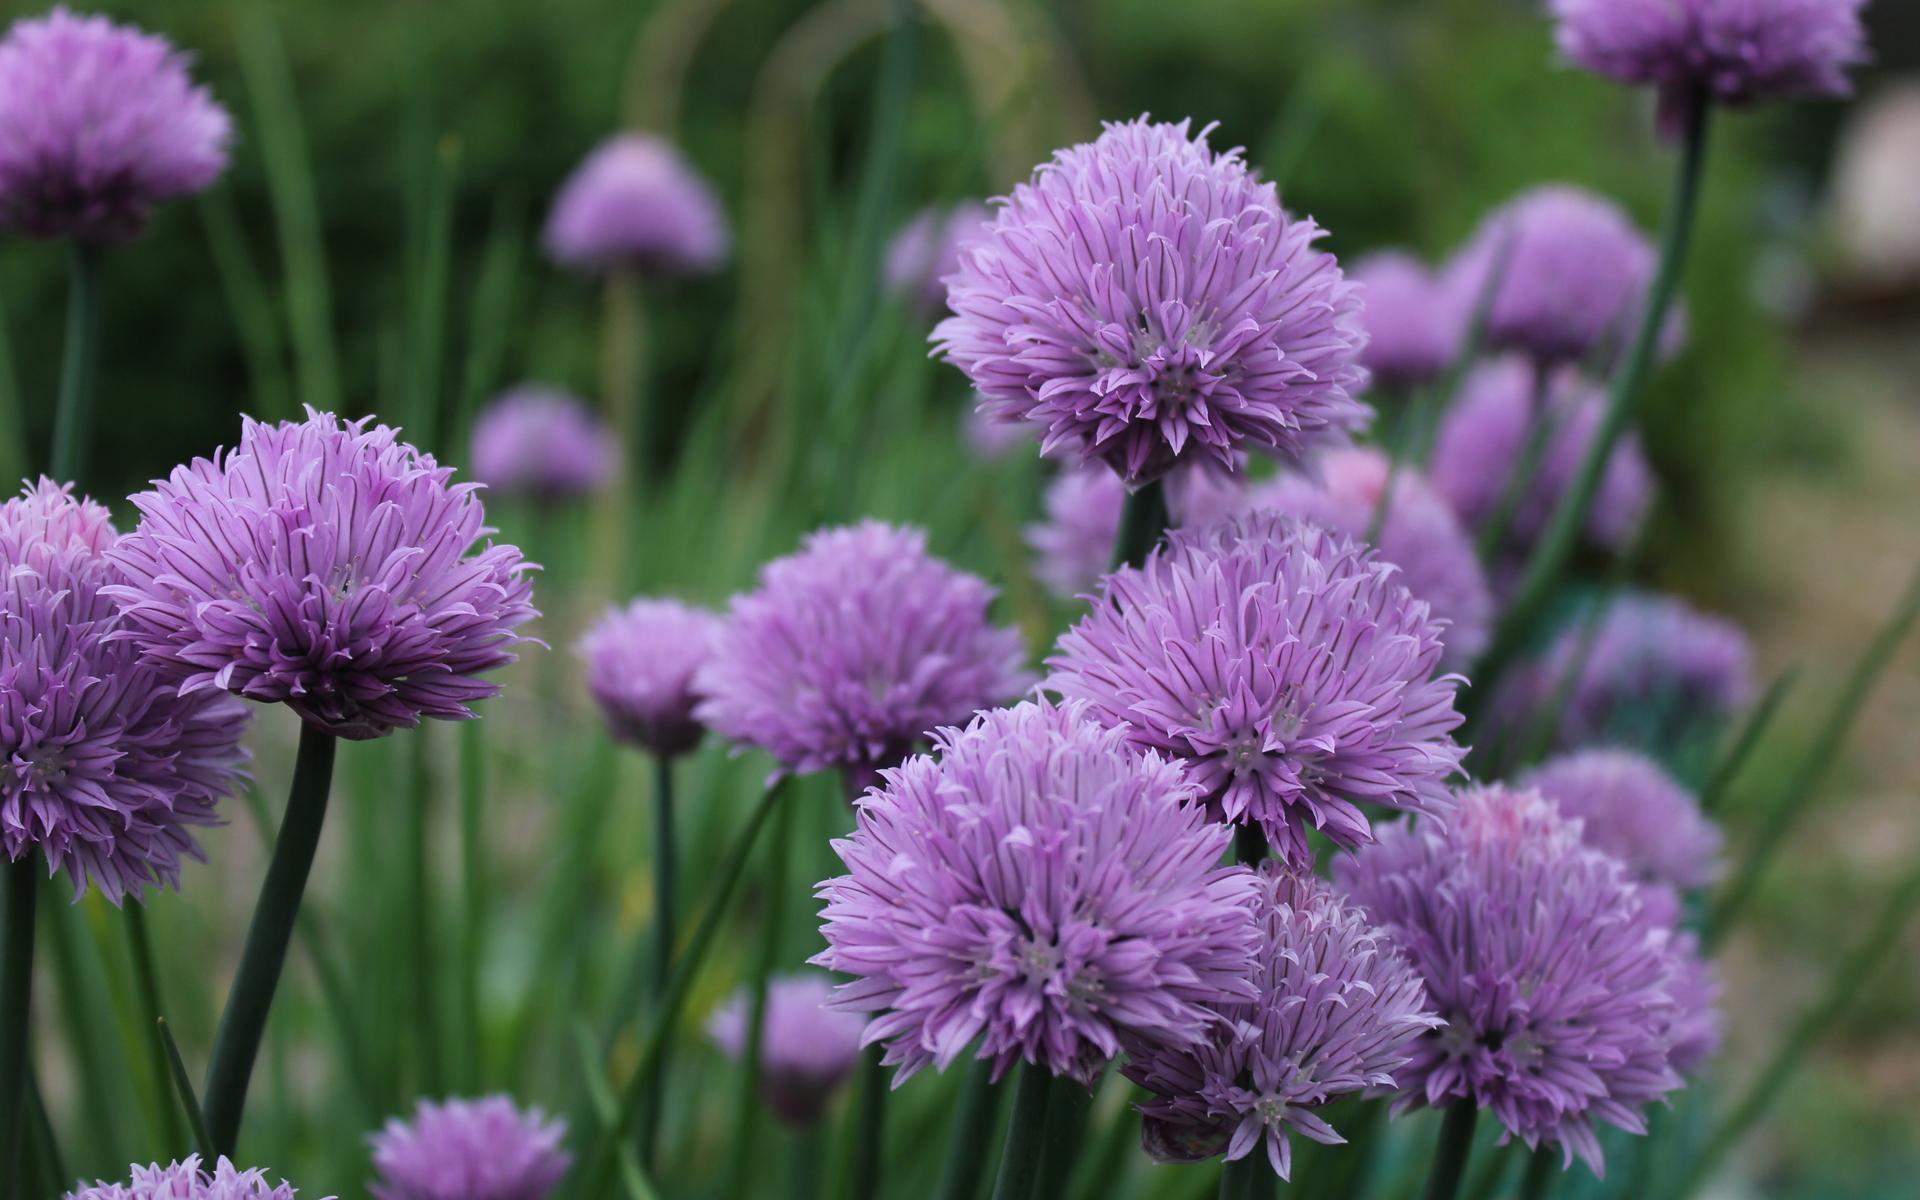 Chive Flowers By George Kirk